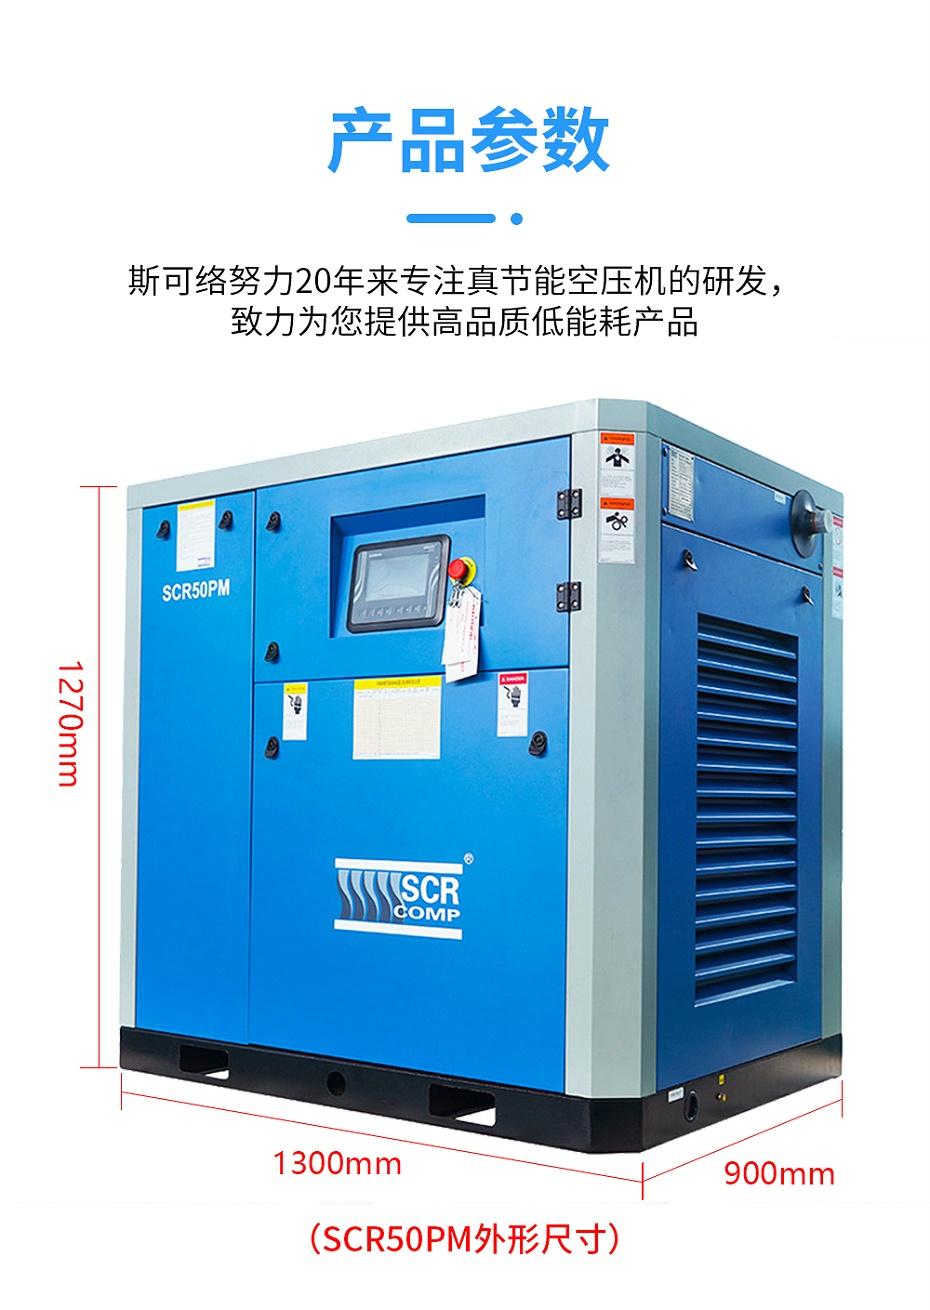 斯可络永磁变频PM系列空压机产品参数